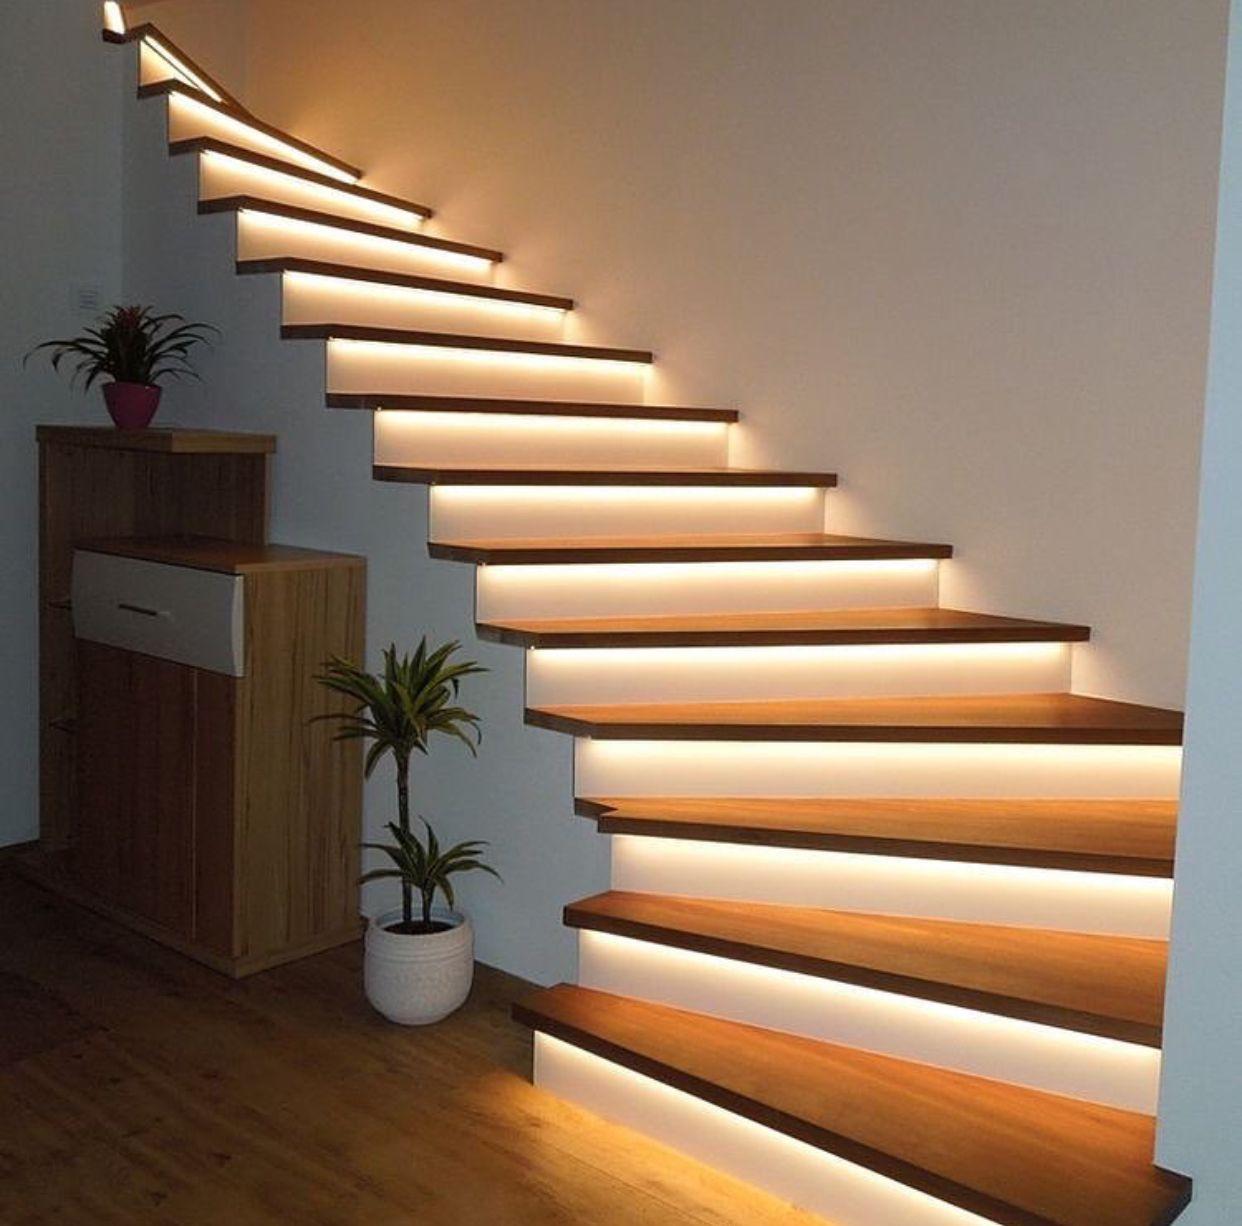 Pin Von Michelle Ldjor Auf Treppe In 2020 Treppe Ideen Treppen Design Design Fur Zuhause